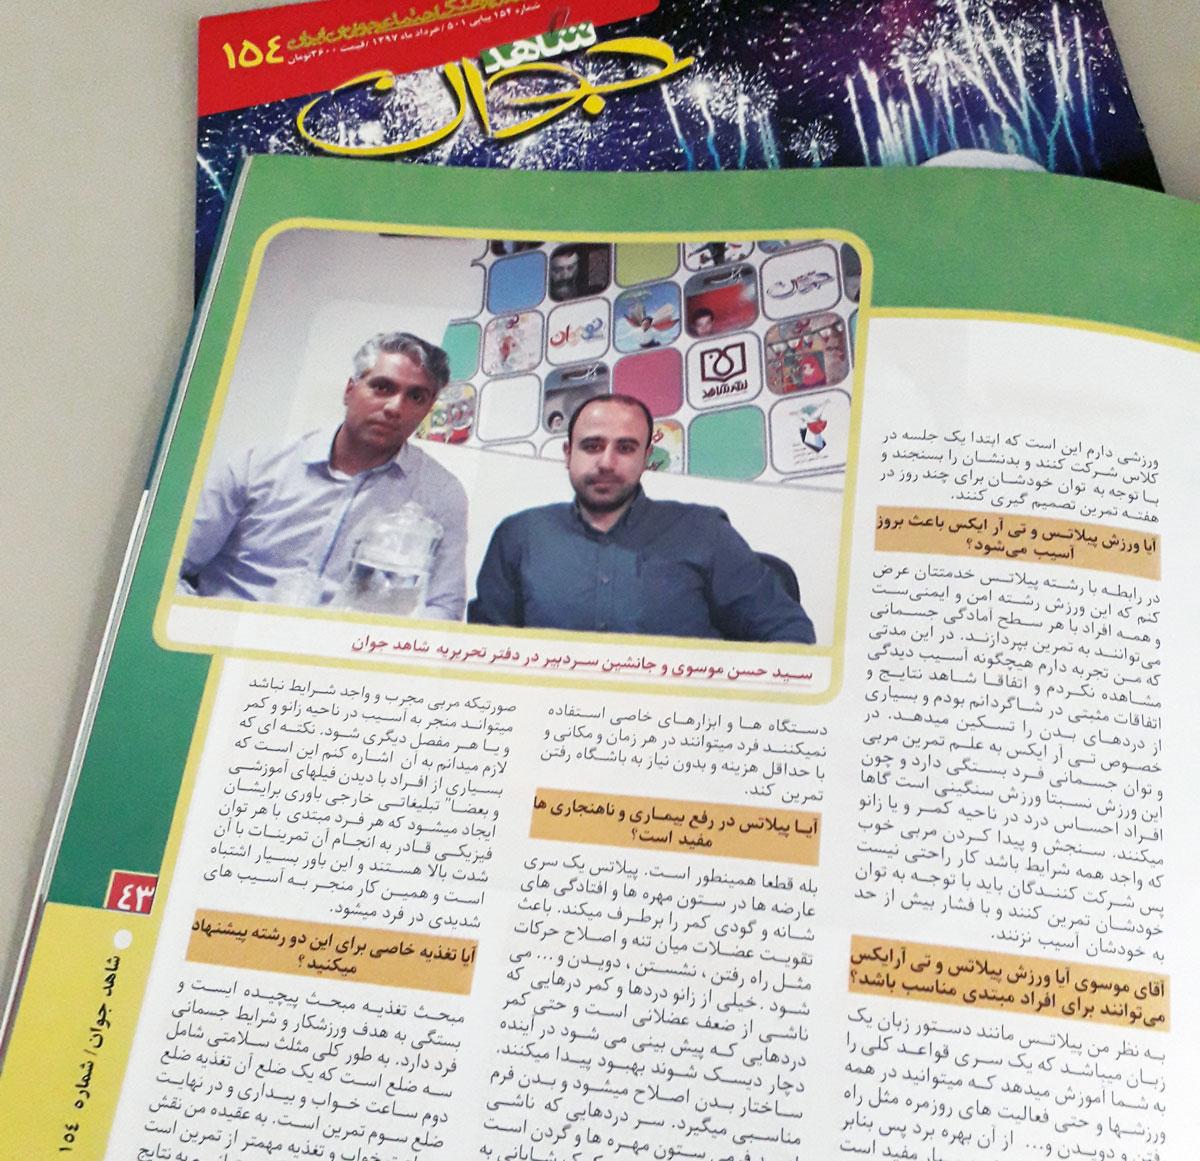 ماهنامه شاهد جوان، شماره ۱۵۴، خردادماه ۱۳۹۷ مصاحبه با سید حسن موسوی مربی پیلاتس و تی آر ایکس